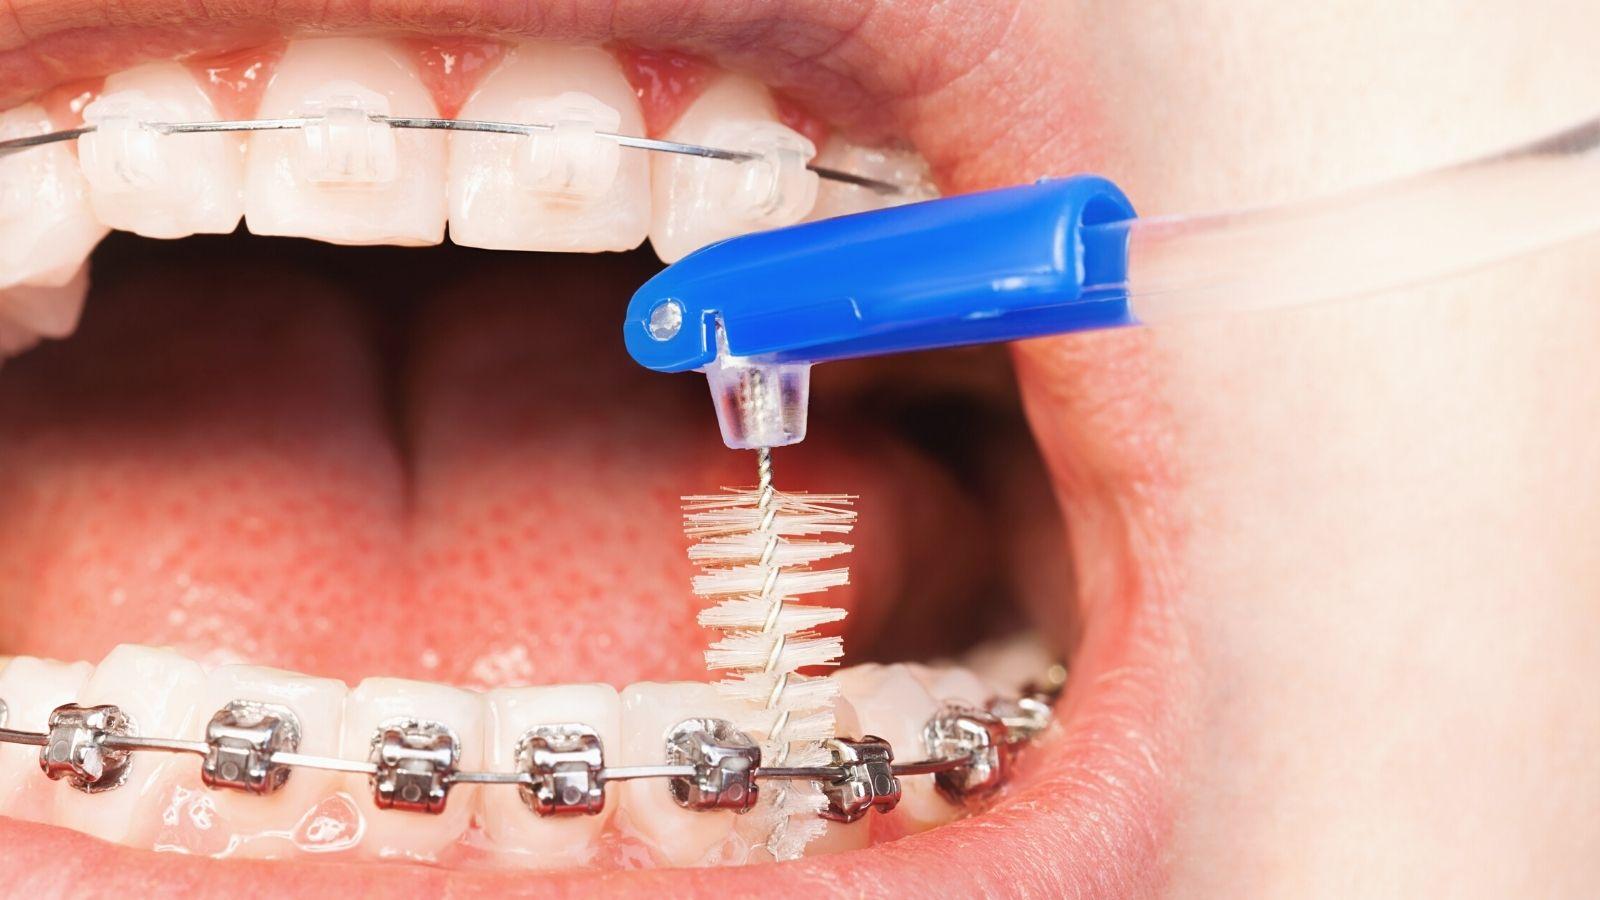 """Профессиональный уход за зубами в брекетах в стоматологии """"Зубочистка"""" доктора Кузьменко"""